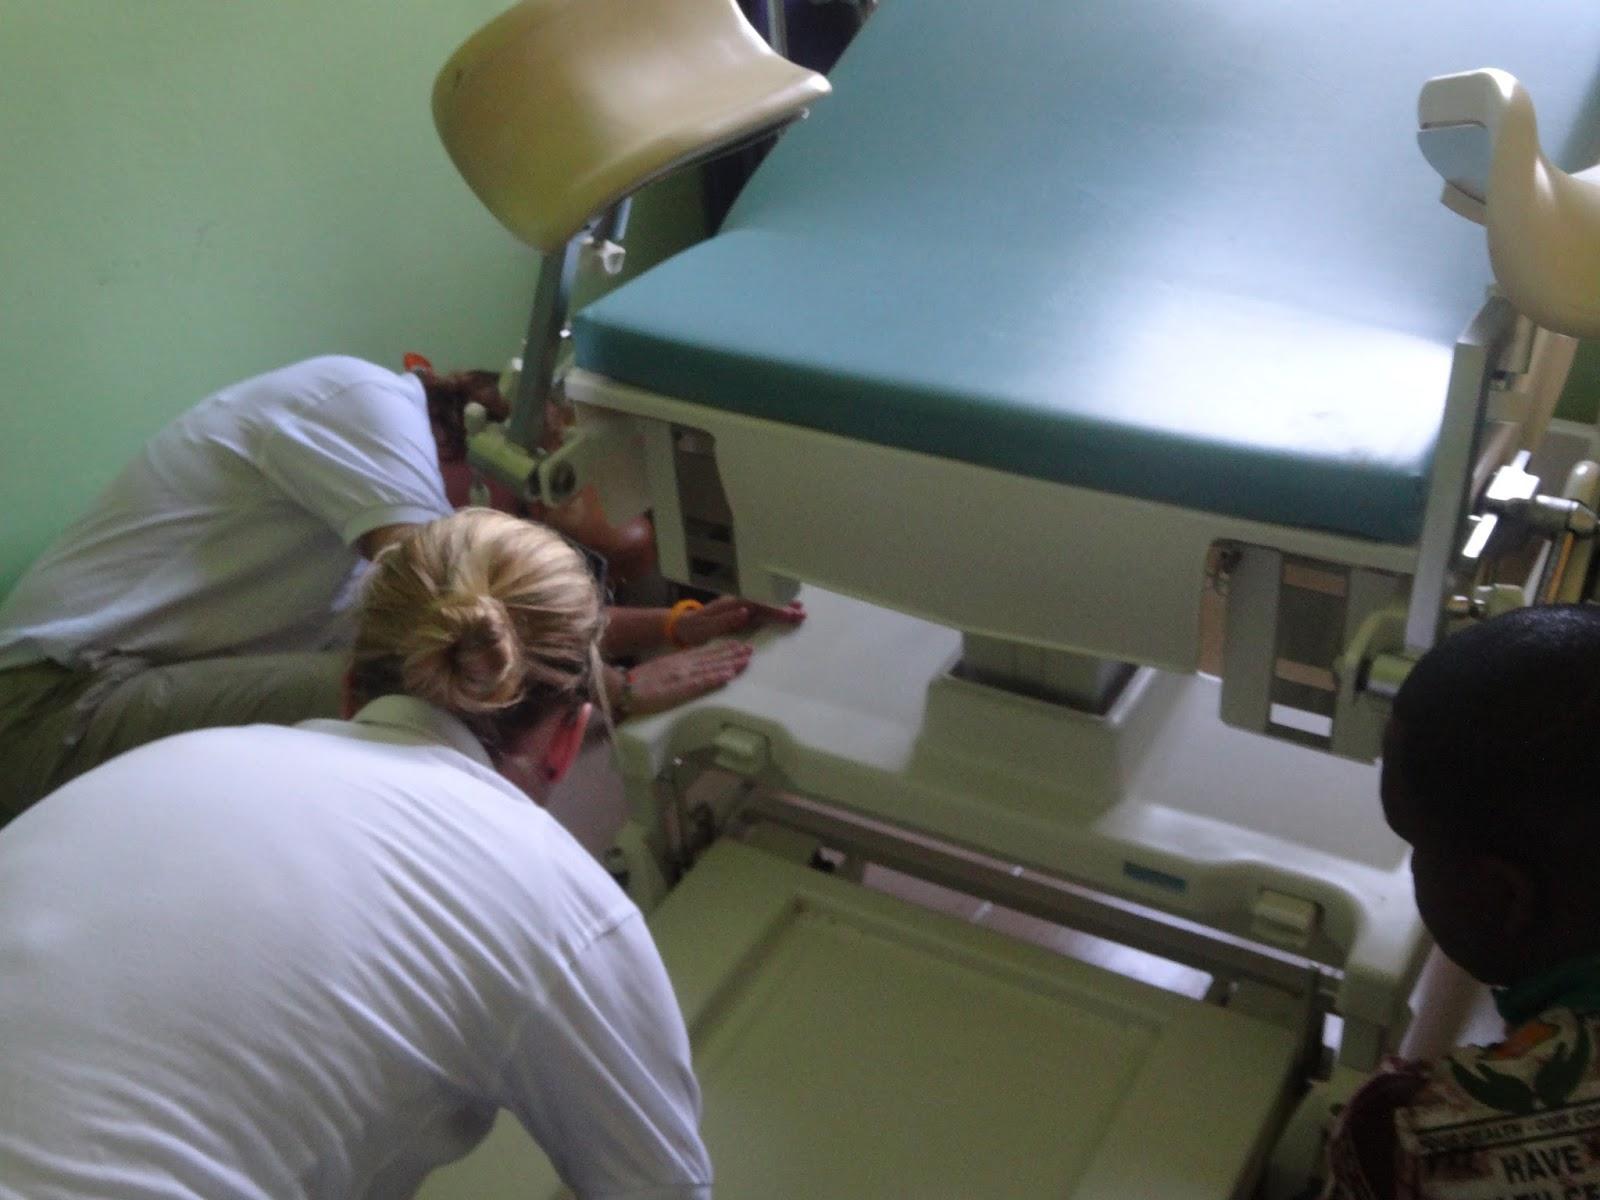 frauen auf dem gynstuhl klistiertherapie